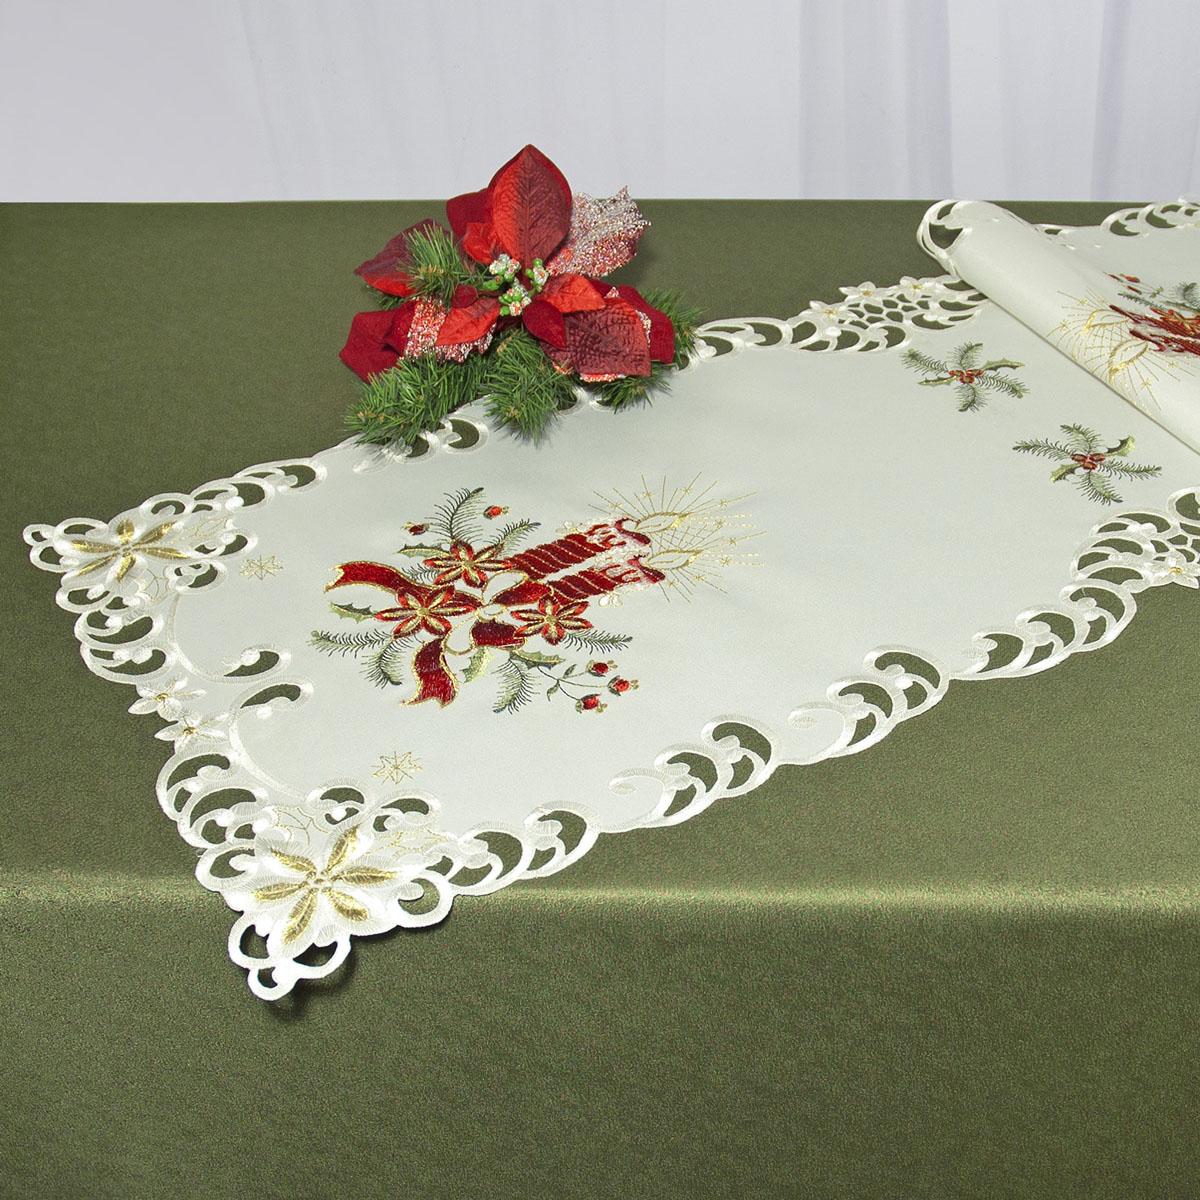 Дорожка для декорирования стола Schaefer, прямоугольная, цвет: белый, красный, 40 x 110 см 07483-233VT-1520(SR)Дорожка Schaefer выполнена из высококачественного полиэстера и украшена вышитыми рисунками в виде новогодних свечей. Края дорожки оформлены в технике ришелье. Вы можете использовать дорожку для декорирования стола, комода или журнального столика.Благодаря такой дорожке вы защитите поверхность мебели от воды, пятен и механических воздействий, а также создадите атмосферу уюта и домашнего тепла в интерьере вашей квартиры. Изделия из искусственных волокон легко стирать: они не мнутся, не садятся и быстро сохнут, они более долговечны, чем изделия из натуральных волокон.Изысканный текстиль от немецкой компании Schaefer - это красота, стиль и уют в вашем доме. Дорожка органично впишется в интерьер любого помещения, а оригинальный дизайн удовлетворит даже самый изысканный вкус. Дарите себе и близким красоту каждый день!